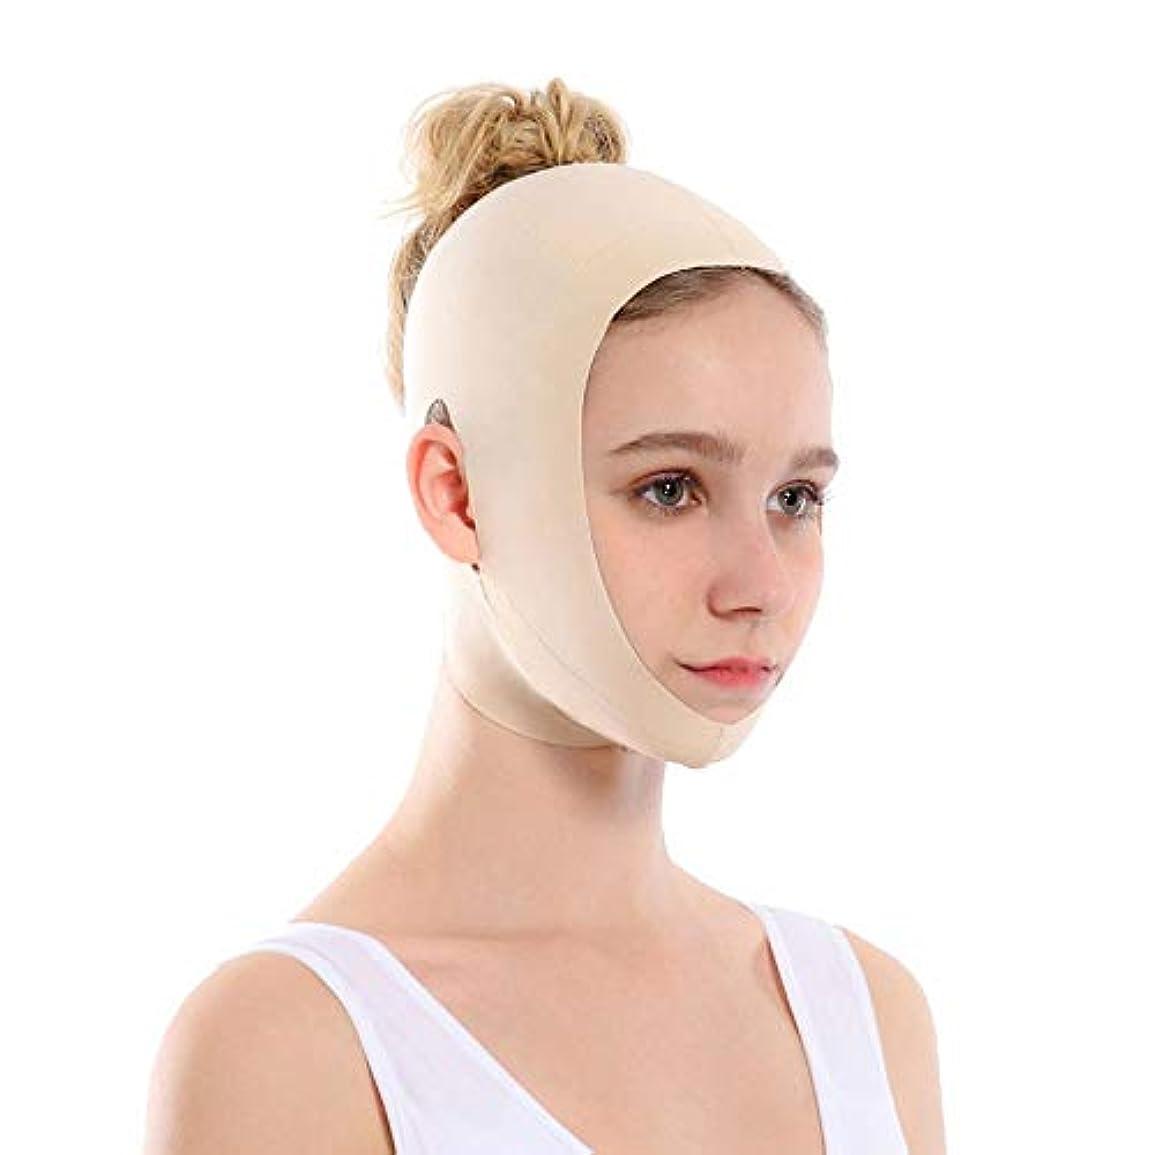 クリスチャン偏心とにかくGYZ 顔を持ち上げるアーティファクトVフェイス包帯リフティング引き締め睡眠薄い顔を整形持ち上げる顔を二重あご矯正 - 肌の色 Thin Face Belt